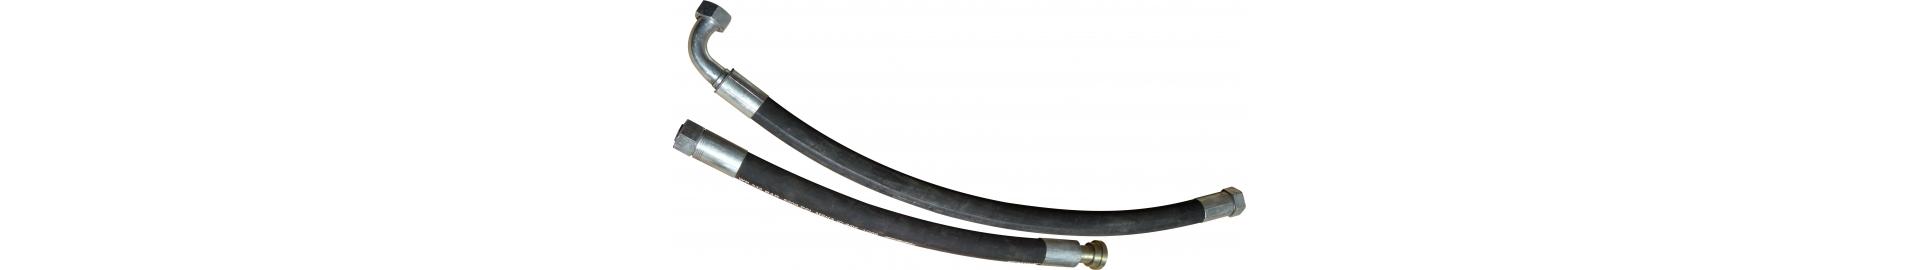 Węże hydrauliczne | Przewody hydrauliczne – akcesoria Volpex